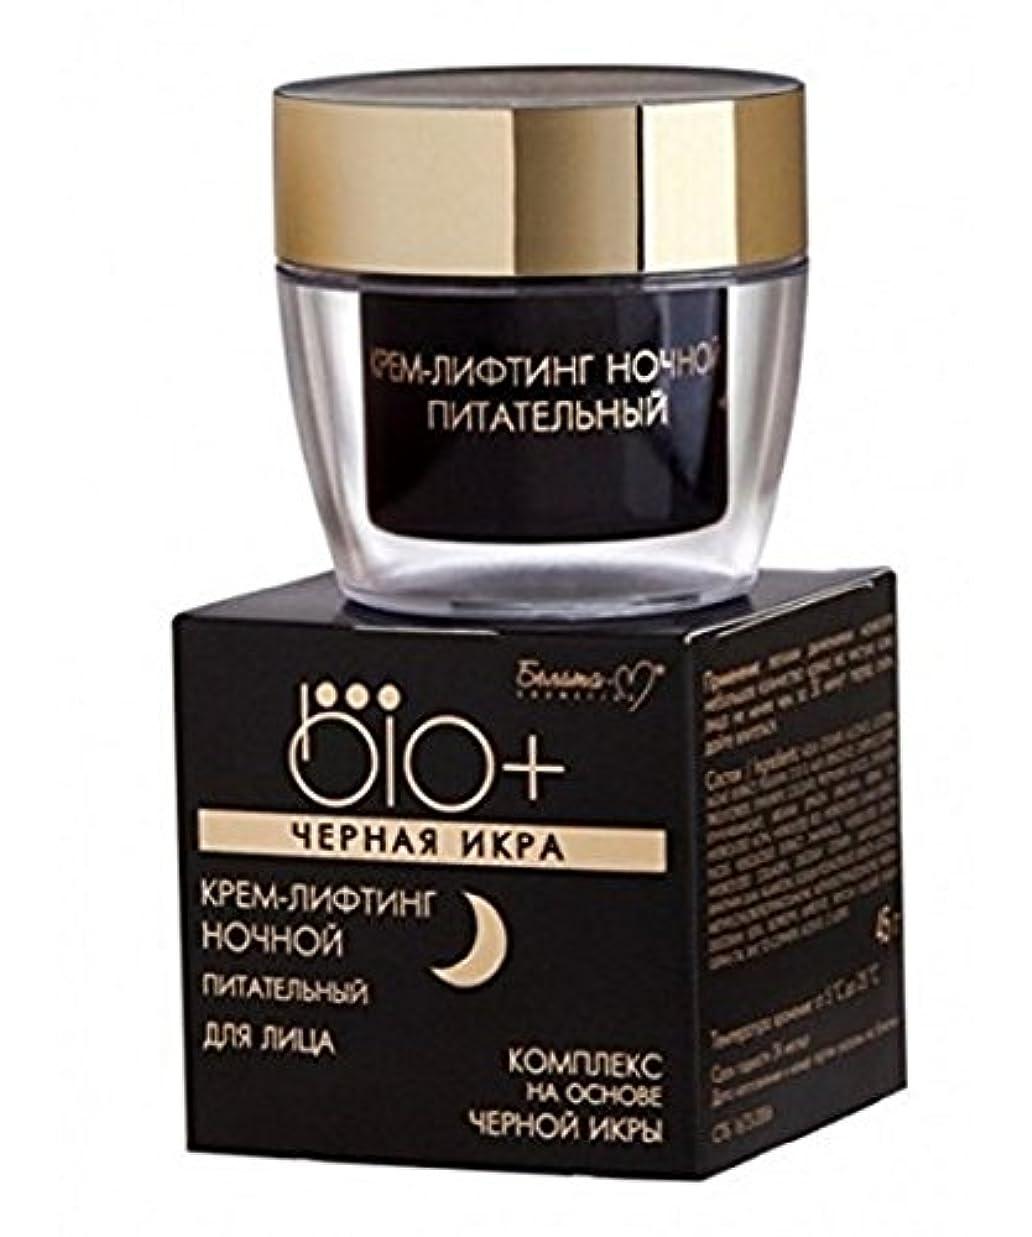 主導権試みる孤児NIGHT MOISTURIZING LIFTING CREAM, on the basis of black caviar | Marine collagen and elastin, Argan oil | 45 g